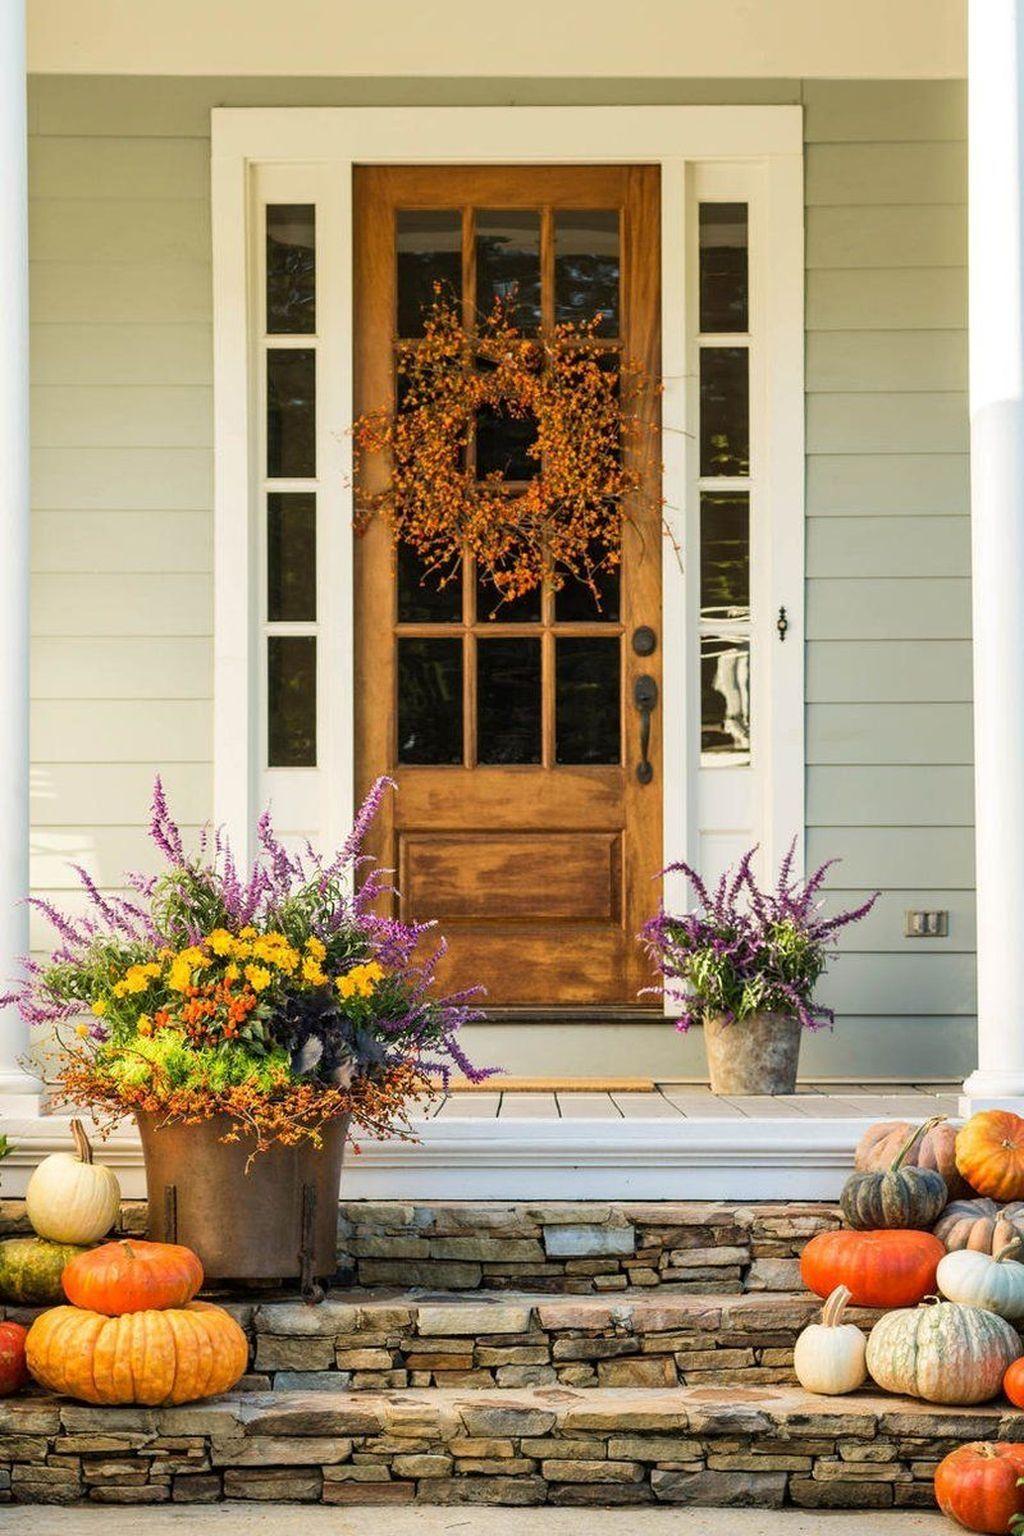 48 Pretty Fall Porch Decor Ideas Fall Decorations Porch Front Porch Decorating Front Door Planters